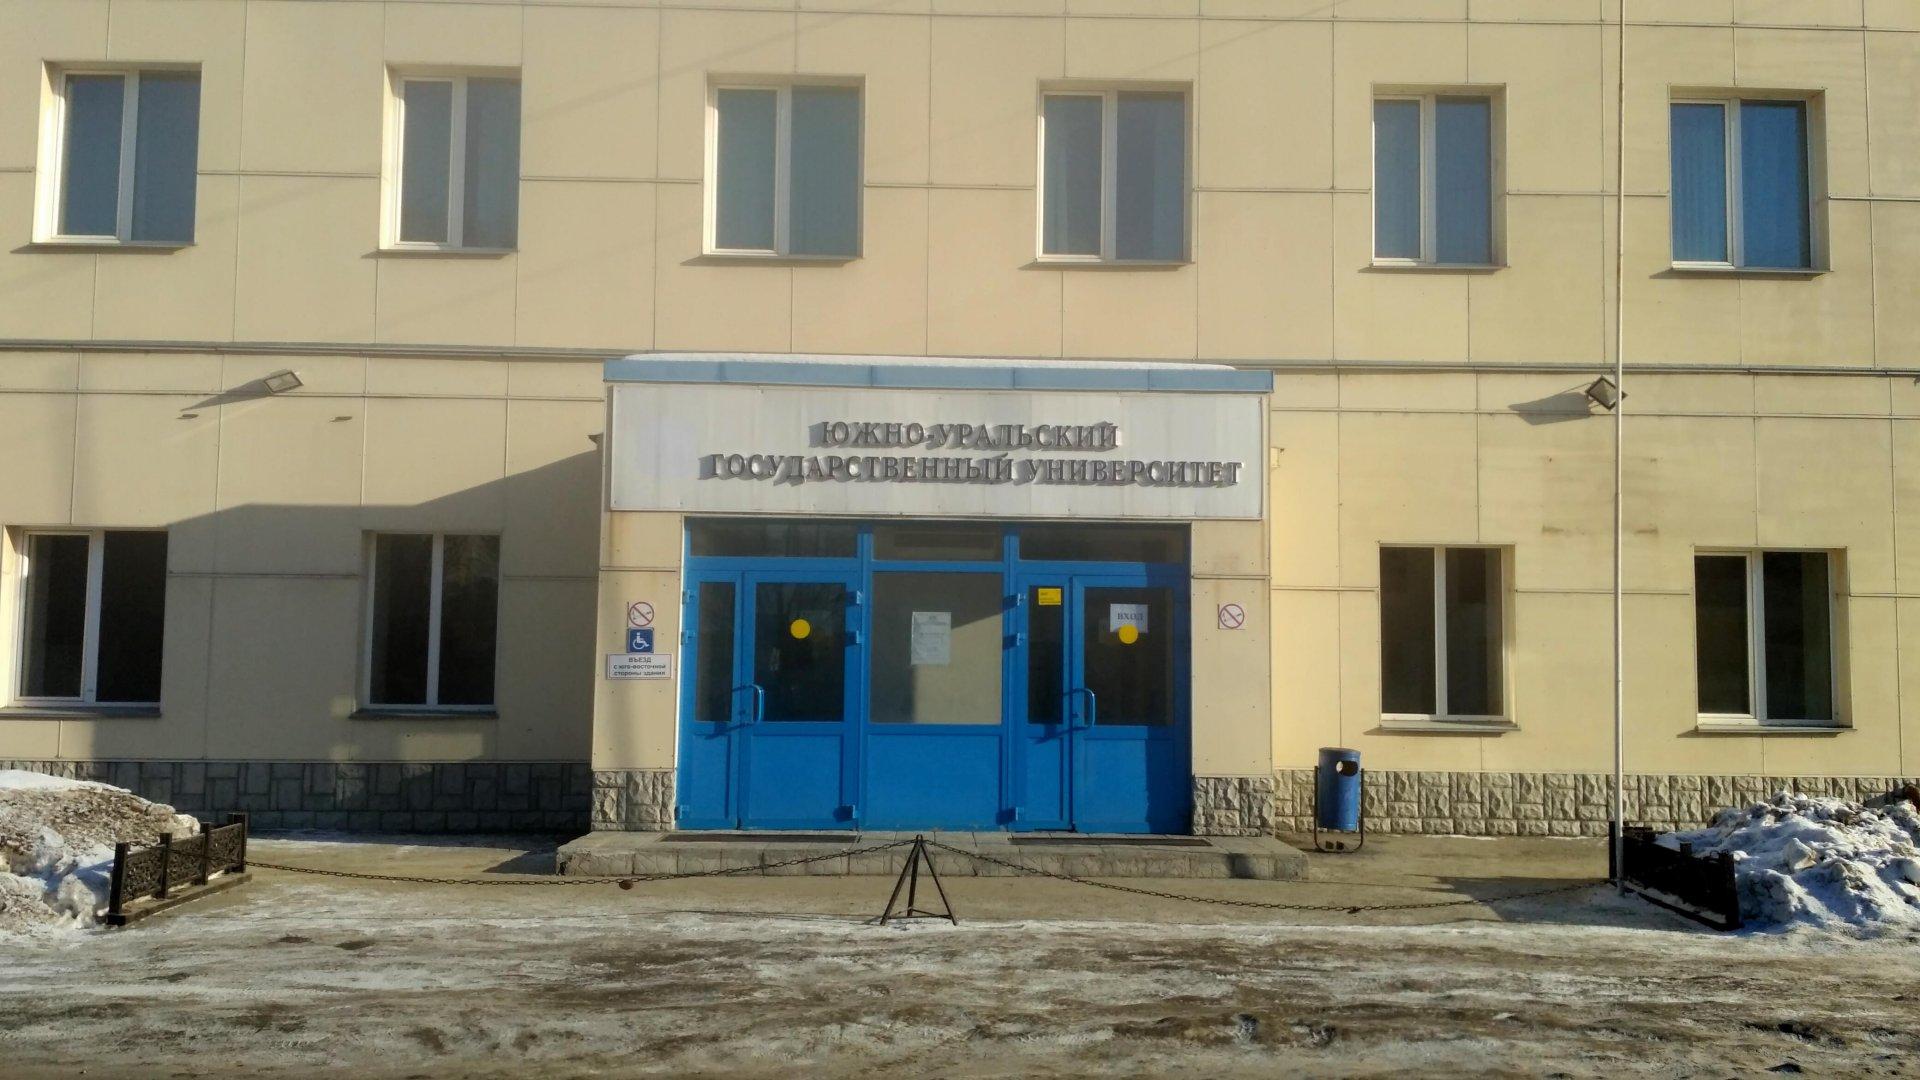 Южно-Уральский государственный университет — филиал в г. Миасс